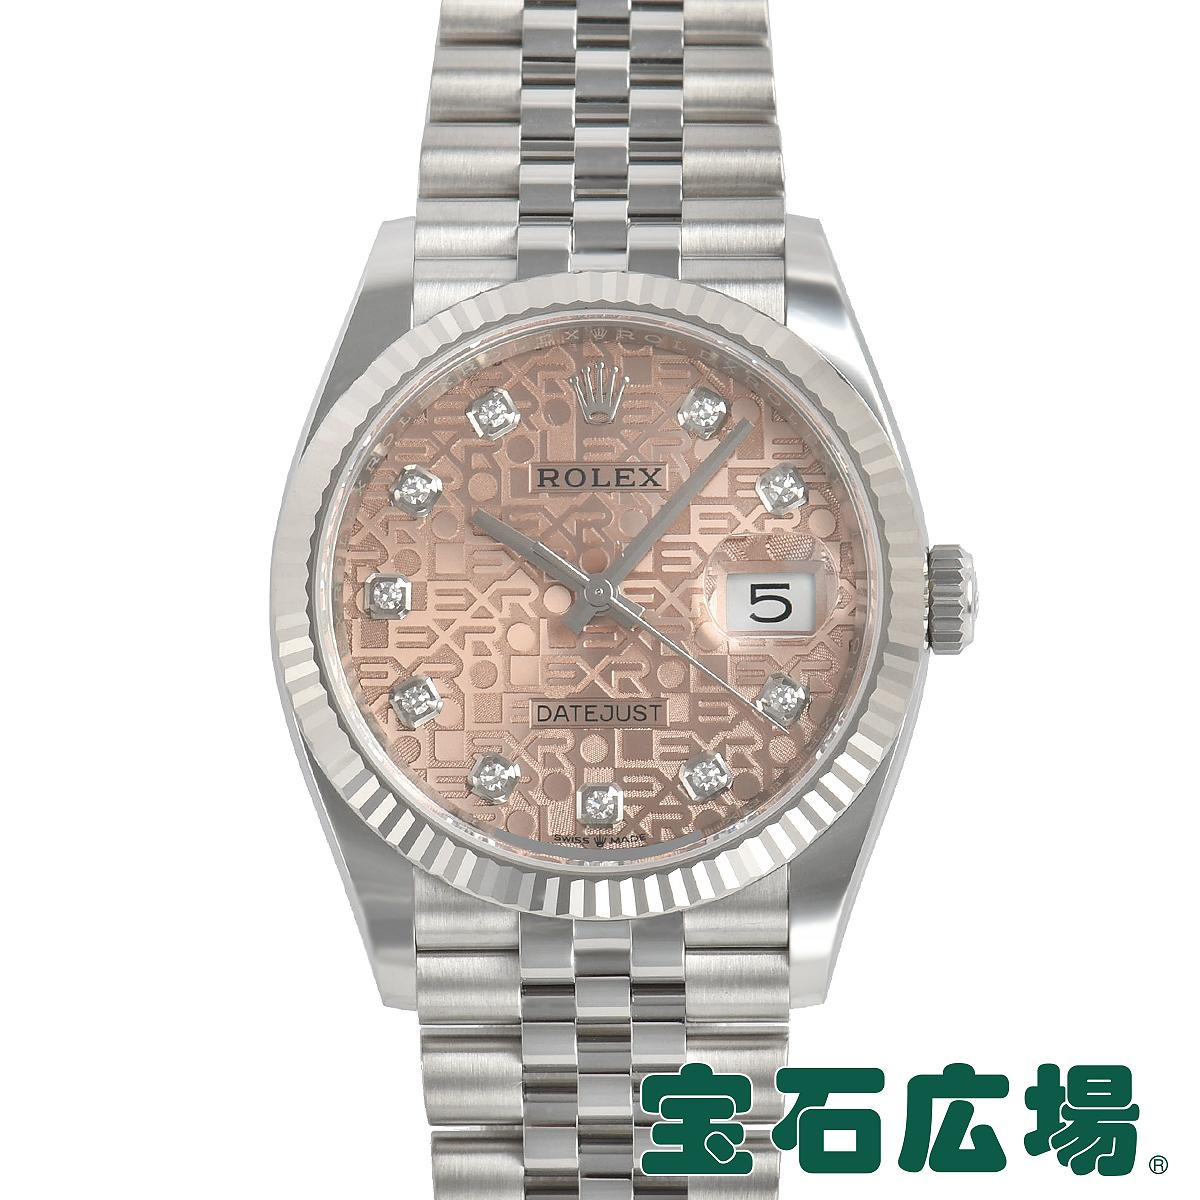 ロレックス ROLEX デイトジャスト36 126234G【新品】メンズ 腕時計 送料・代引手数料無料